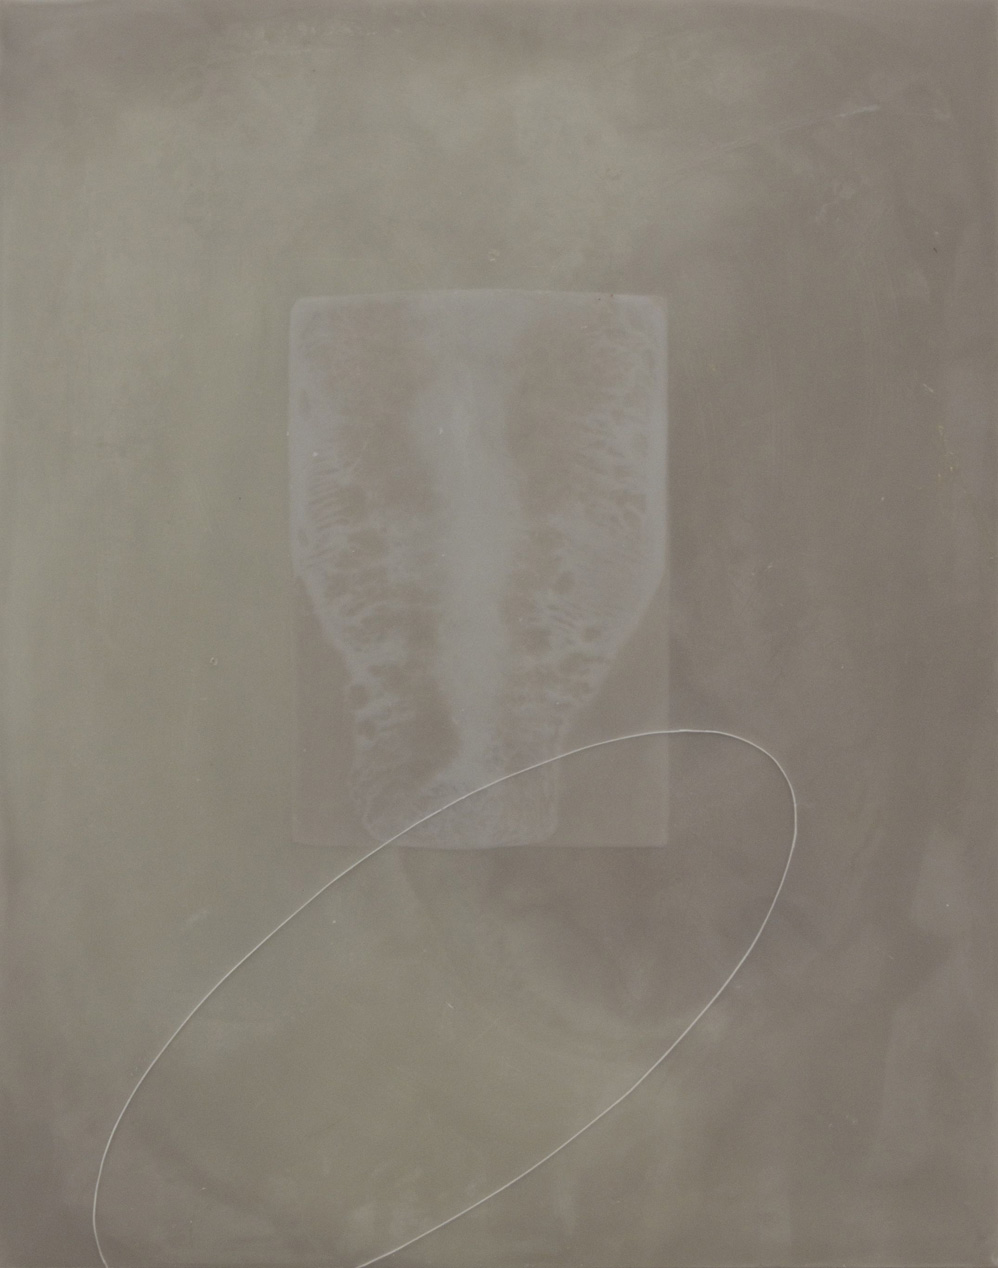 Peter Flaccus, Blue Window, White Ellipses, 2010, encausto su tavola, cm 43x34